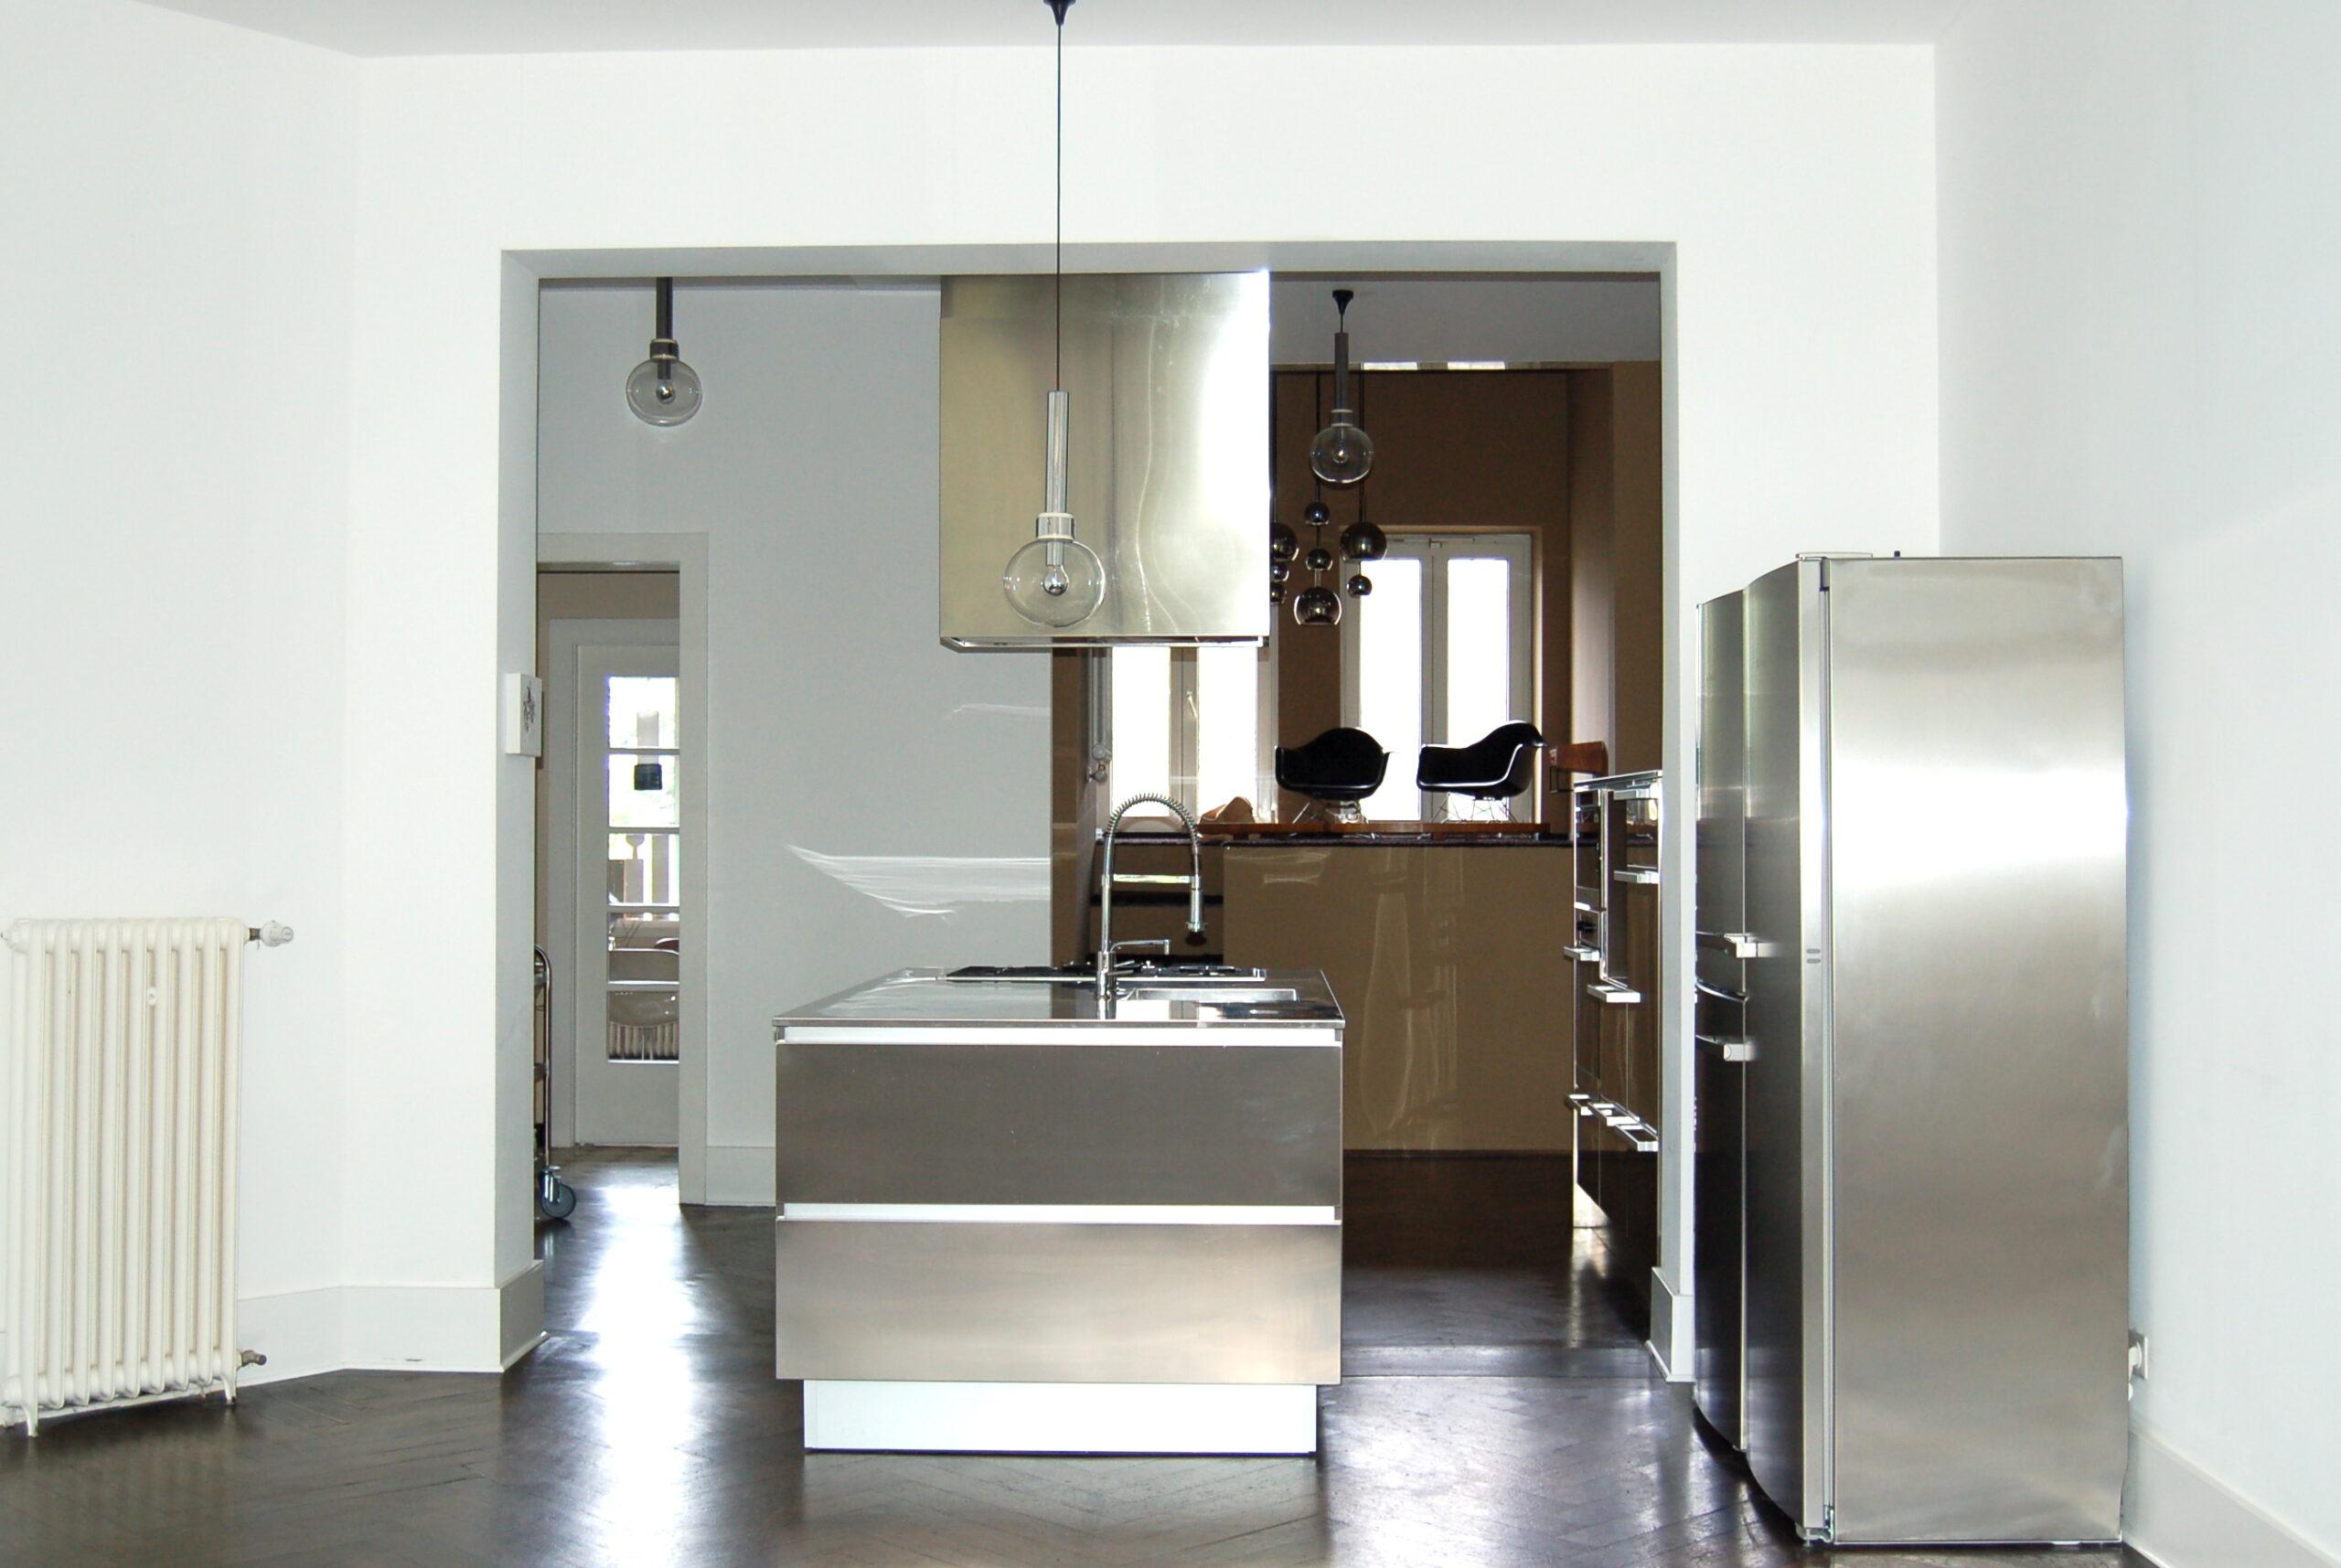 Full Size of Küche Ikea Kosten Kaufen Betten Bei Edelstahlküche Modulküche Gebraucht 160x200 Sofa Mit Schlaffunktion Miniküche Wohnzimmer Ikea Edelstahlküche